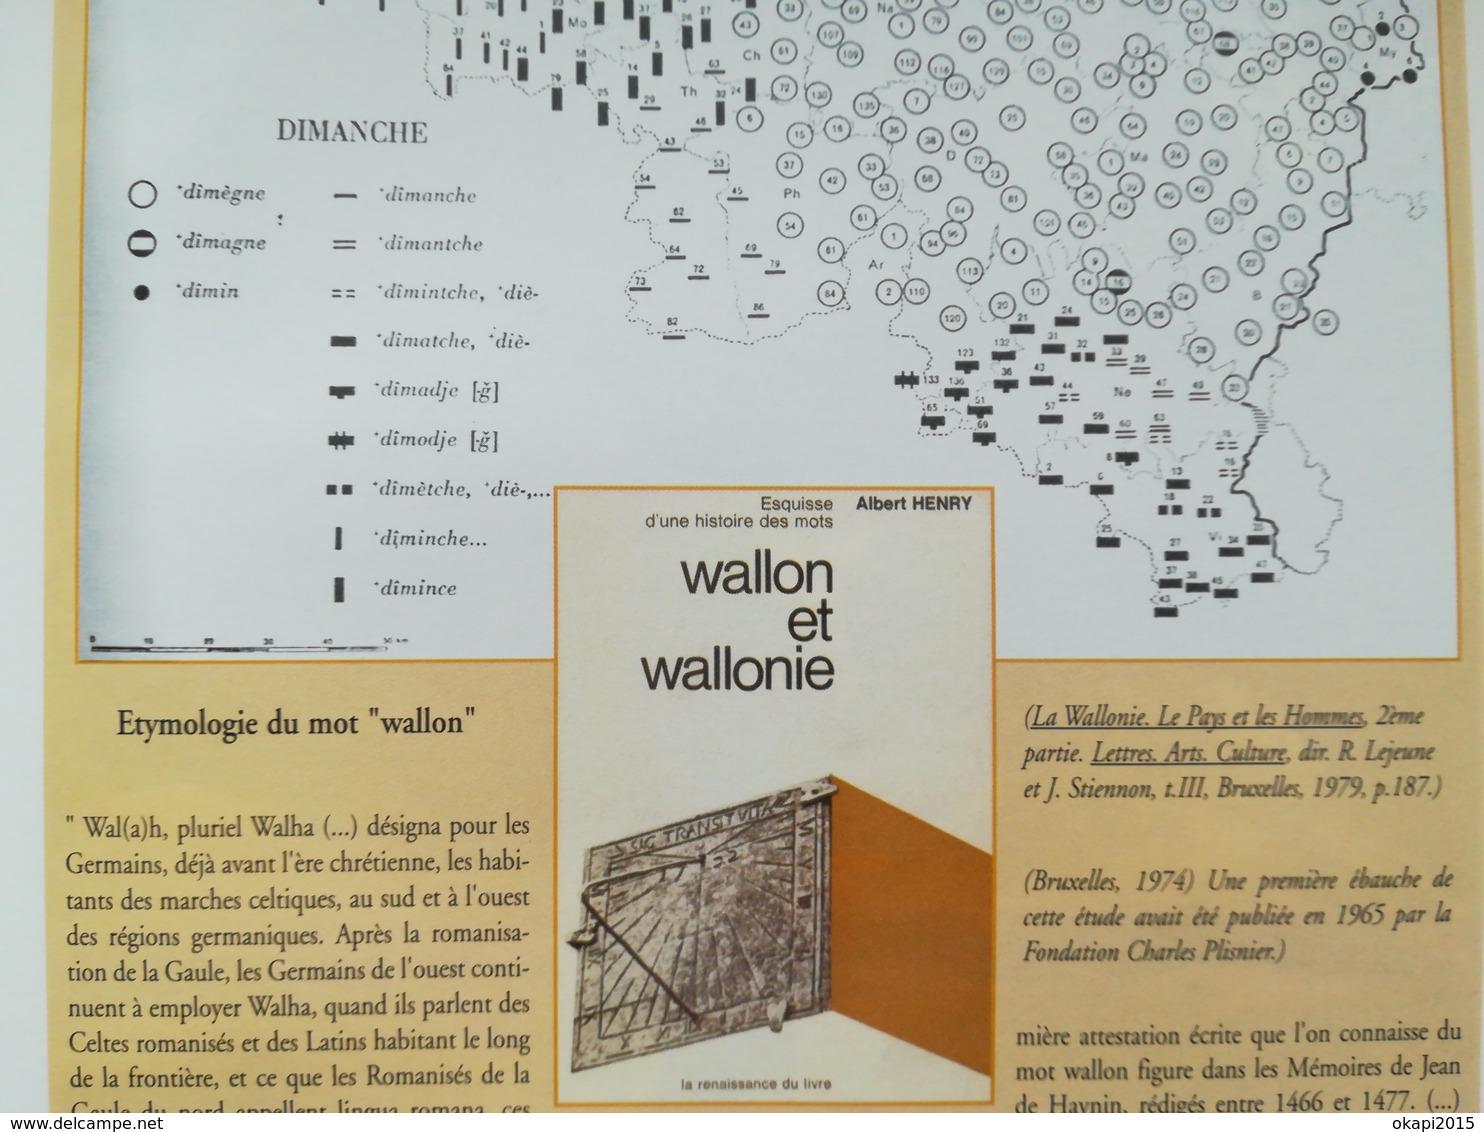 LA WALLONIE SON HISTOIRE PAR HERVÉ HASQUIN LIVRE RÉGIONALISME BELGIQUE WALLONIE - Culture